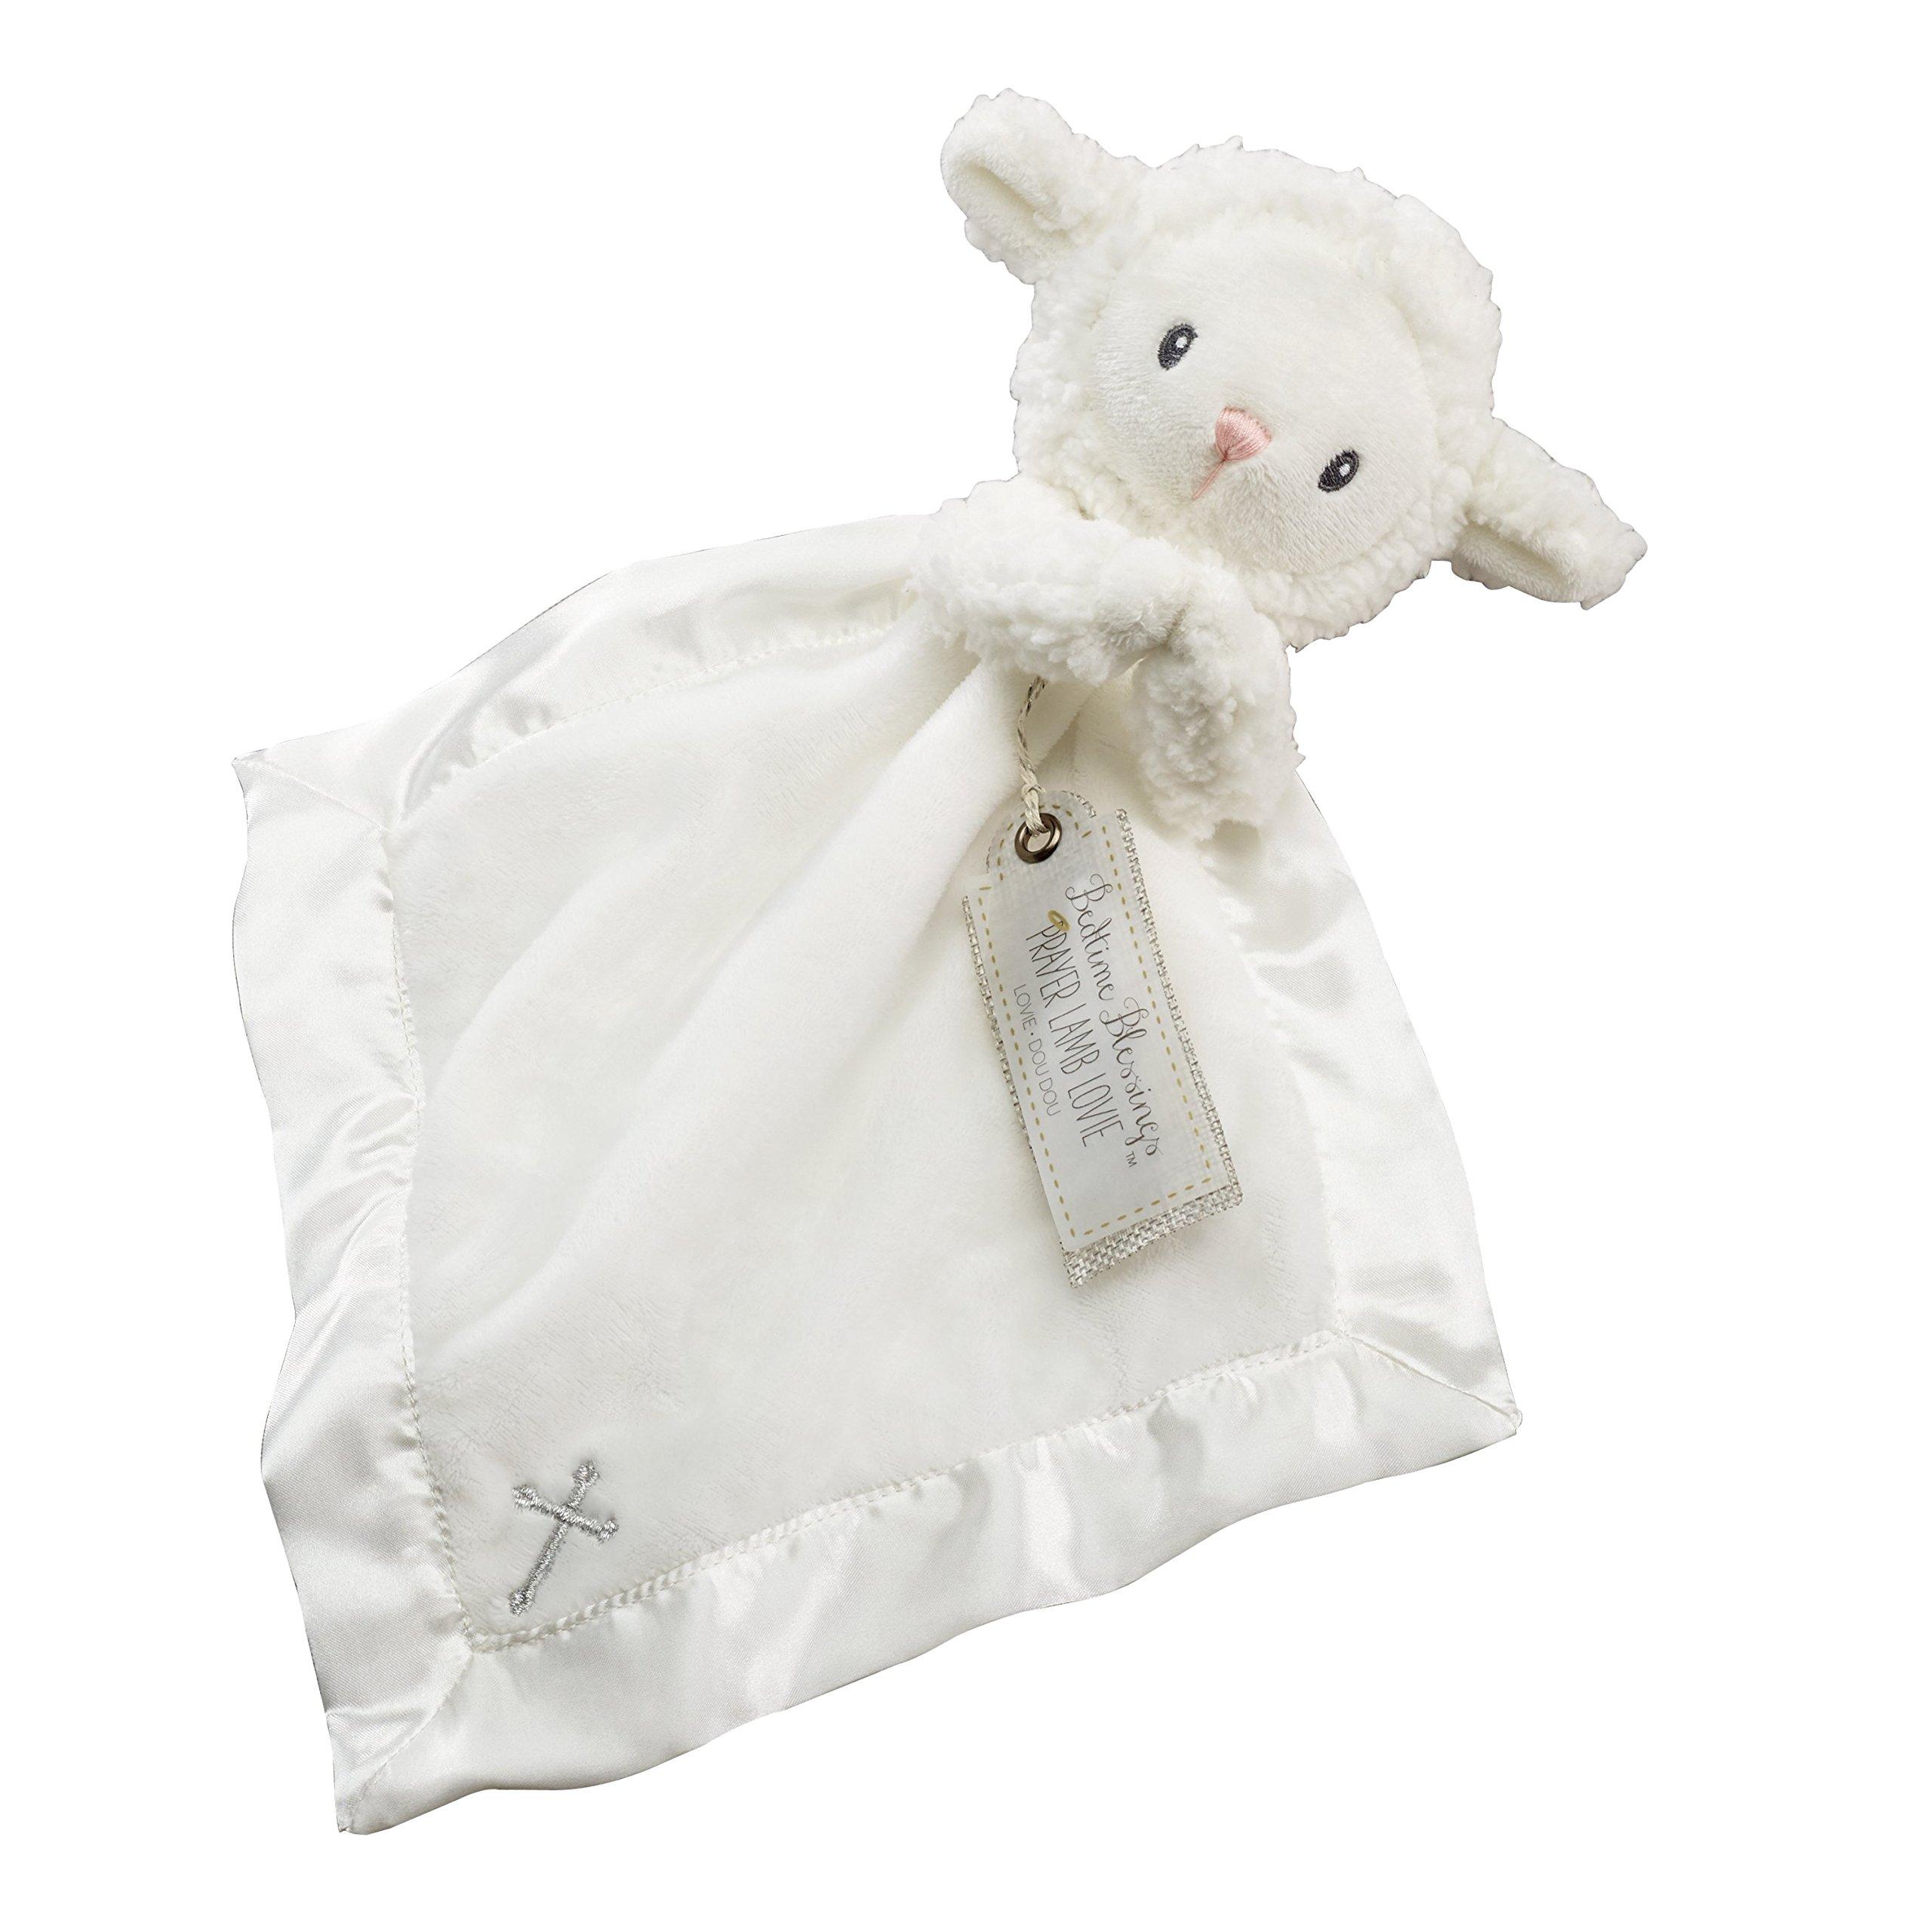 Baby Aspen Bedtime Blessings Lamb Lovie Blanket, Rattle, Newborn Baby Toy, White by Baby Aspen